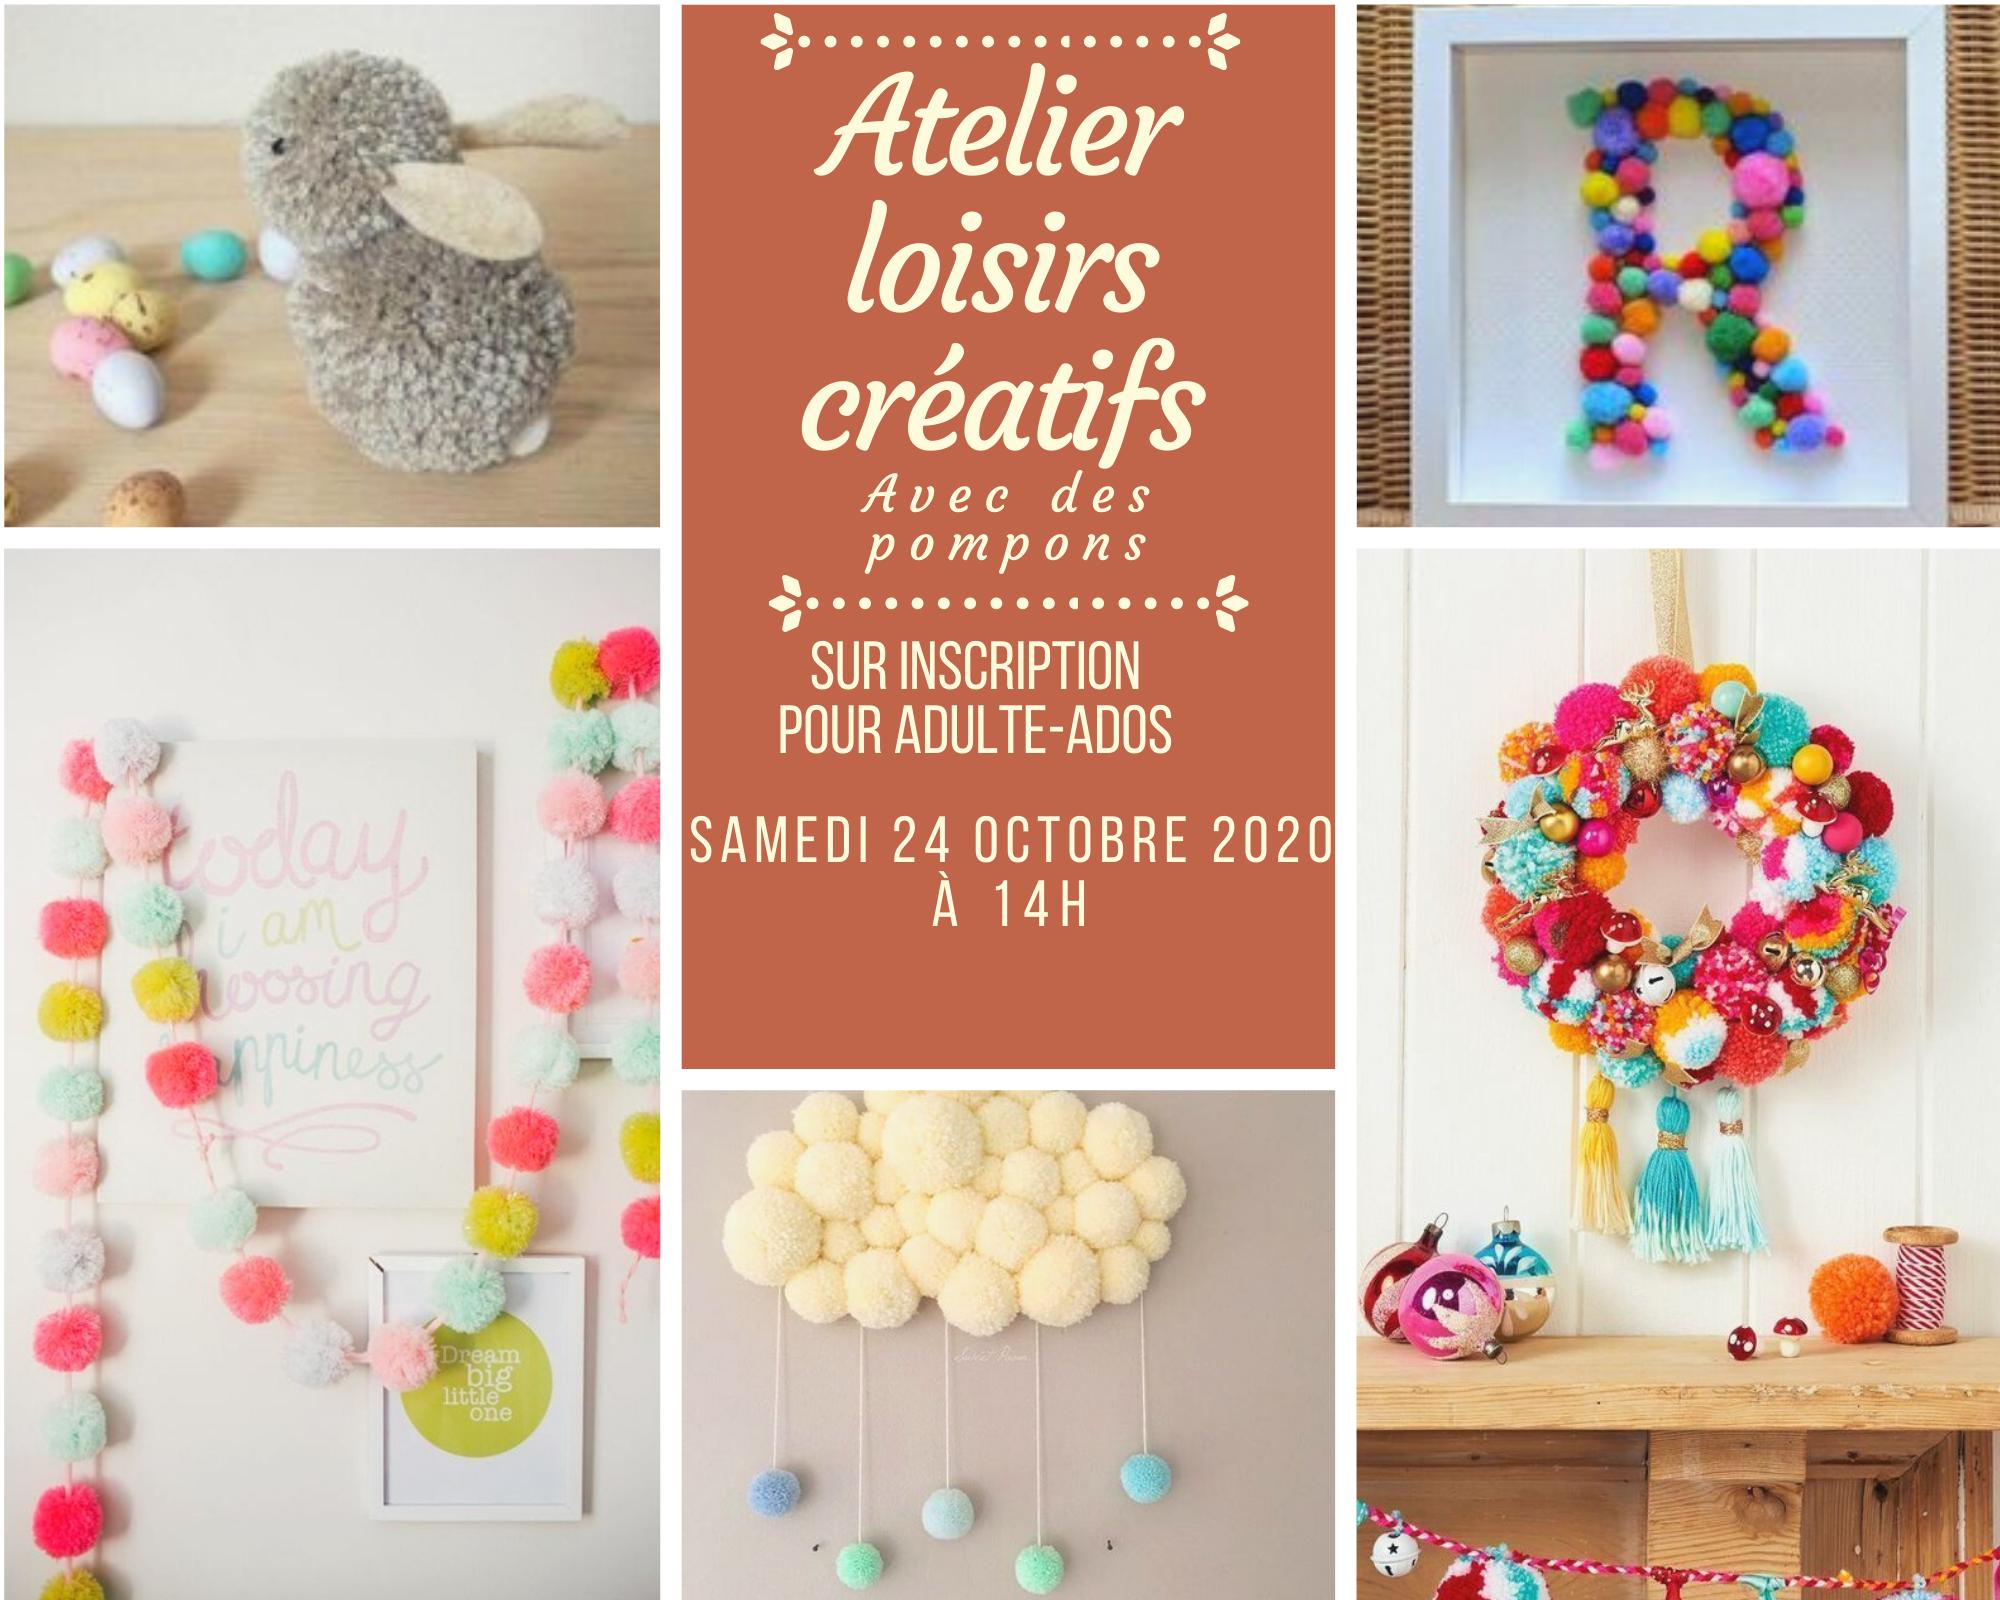 Atelier Pompons samedi 24 octobre 2020 à 14h